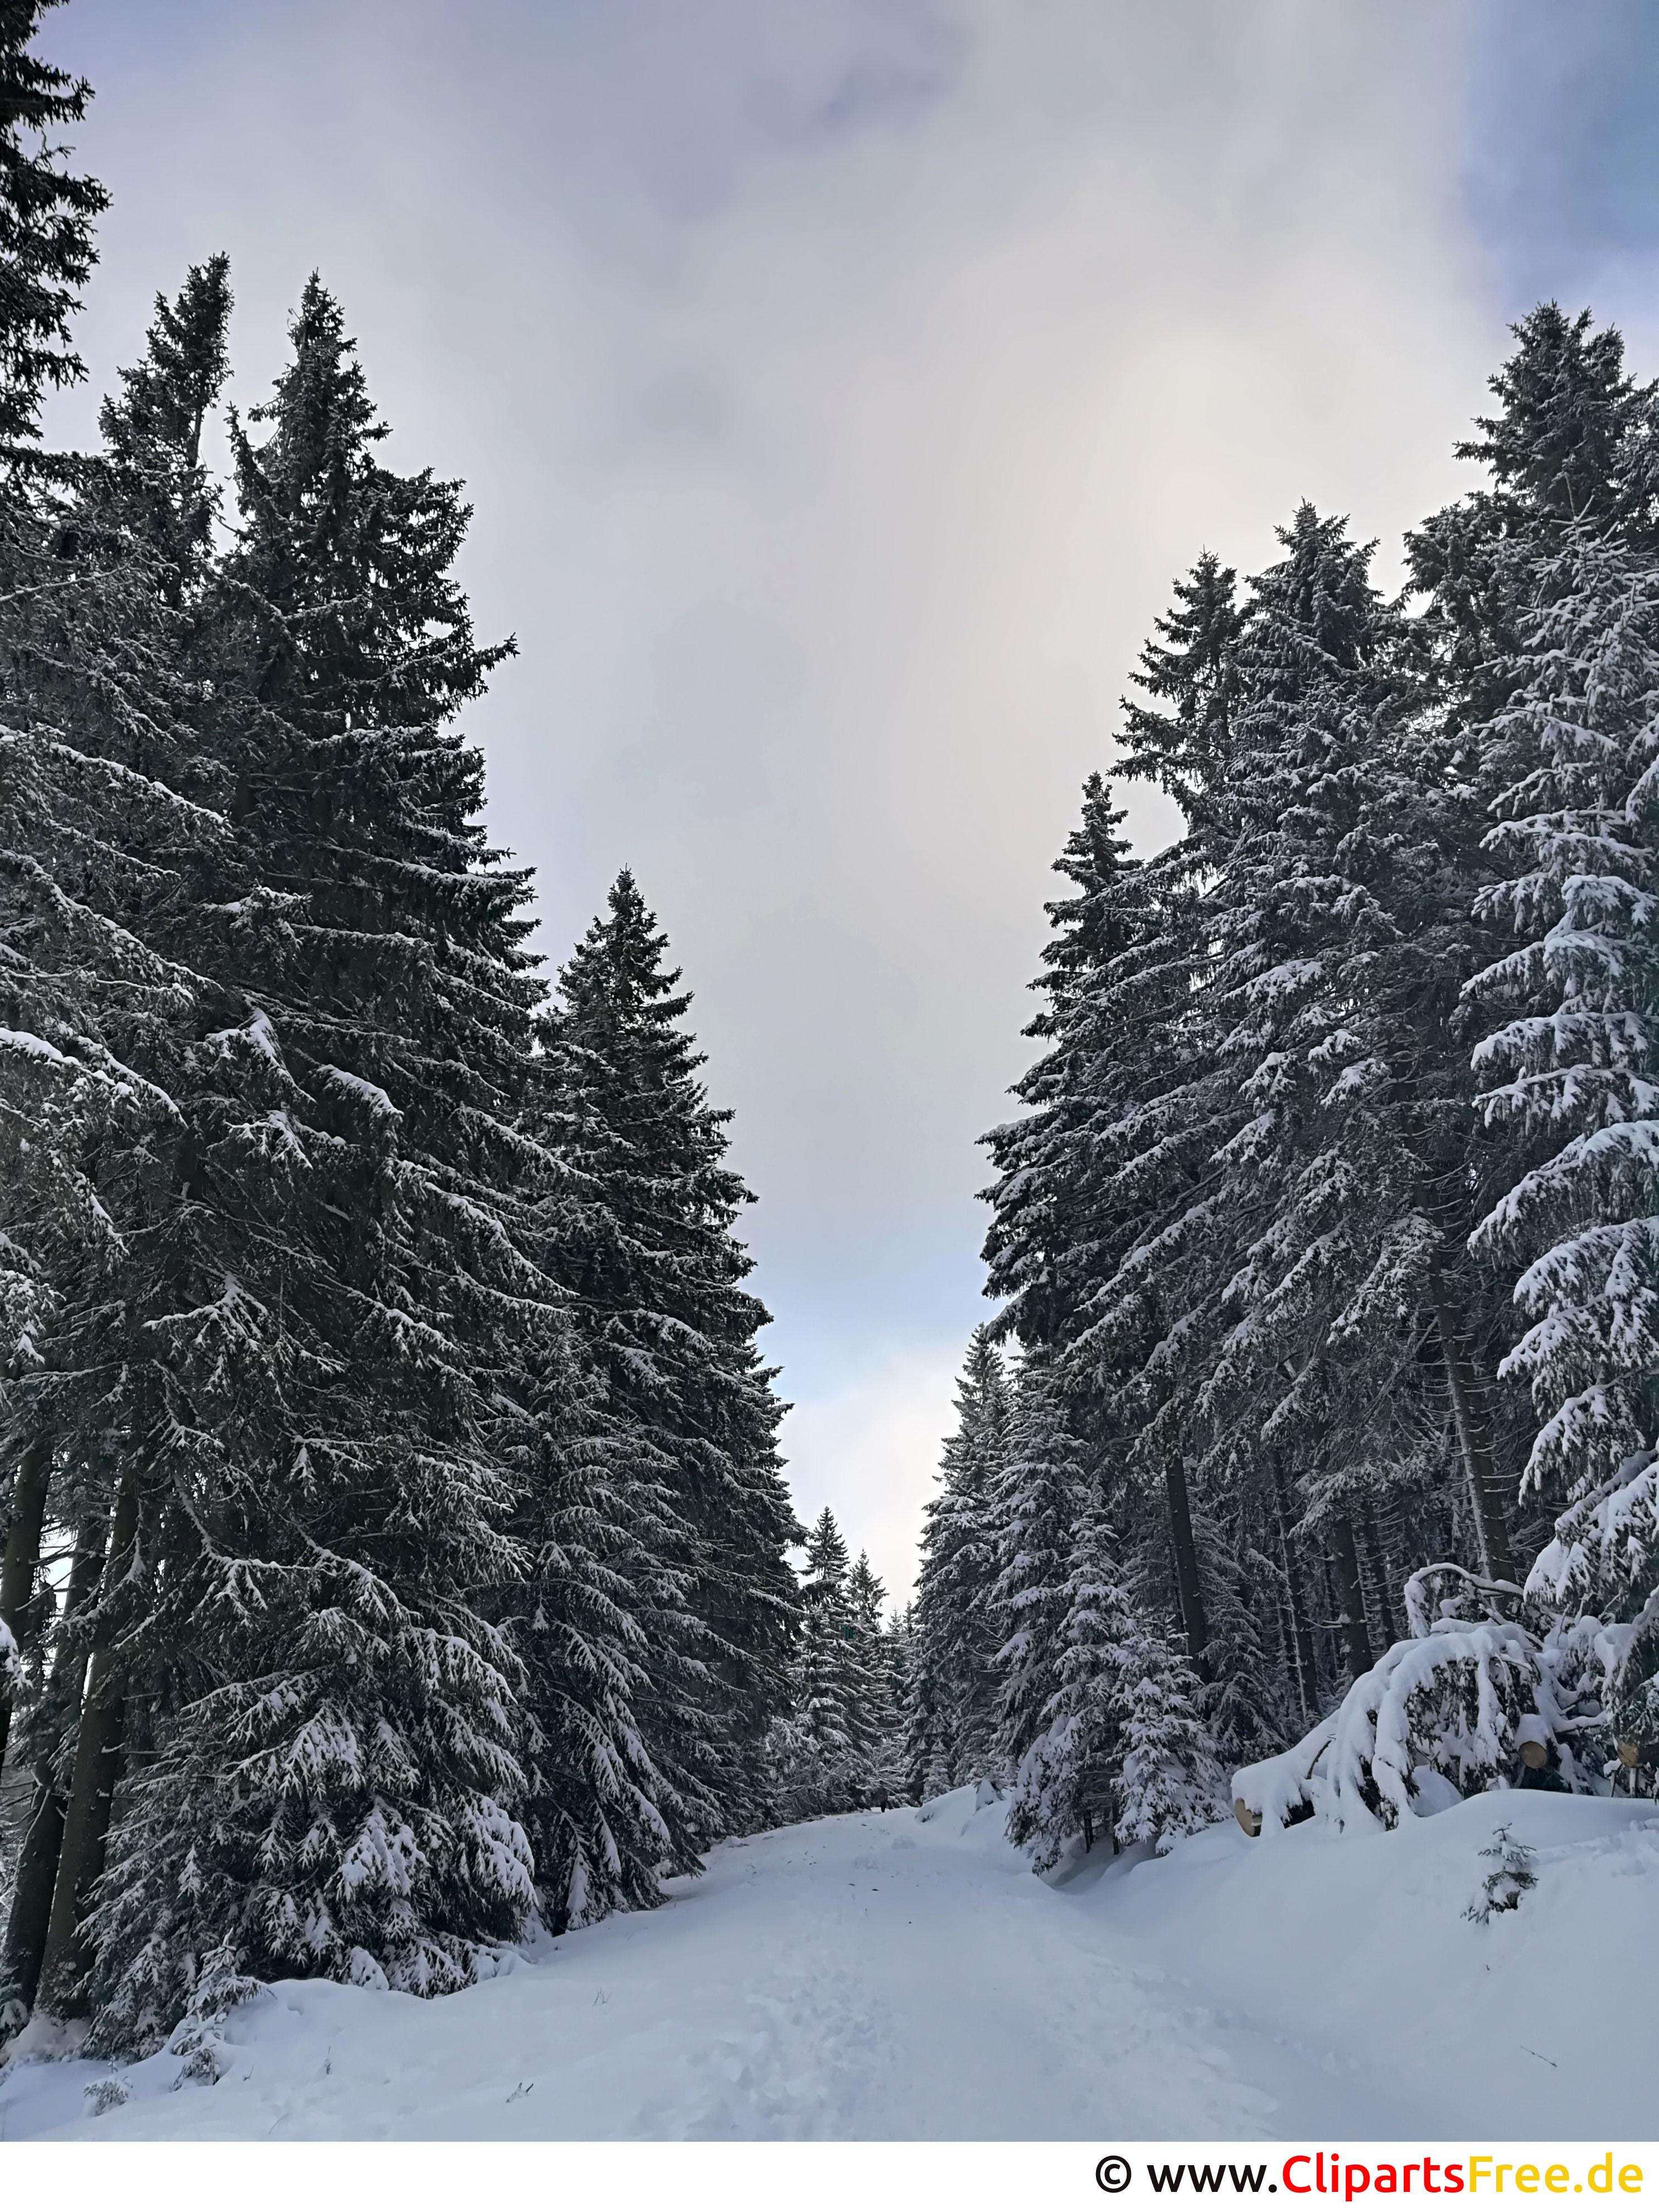 Wanderweg im Wald im Winter Bild, Foto, Grafik kostenlos